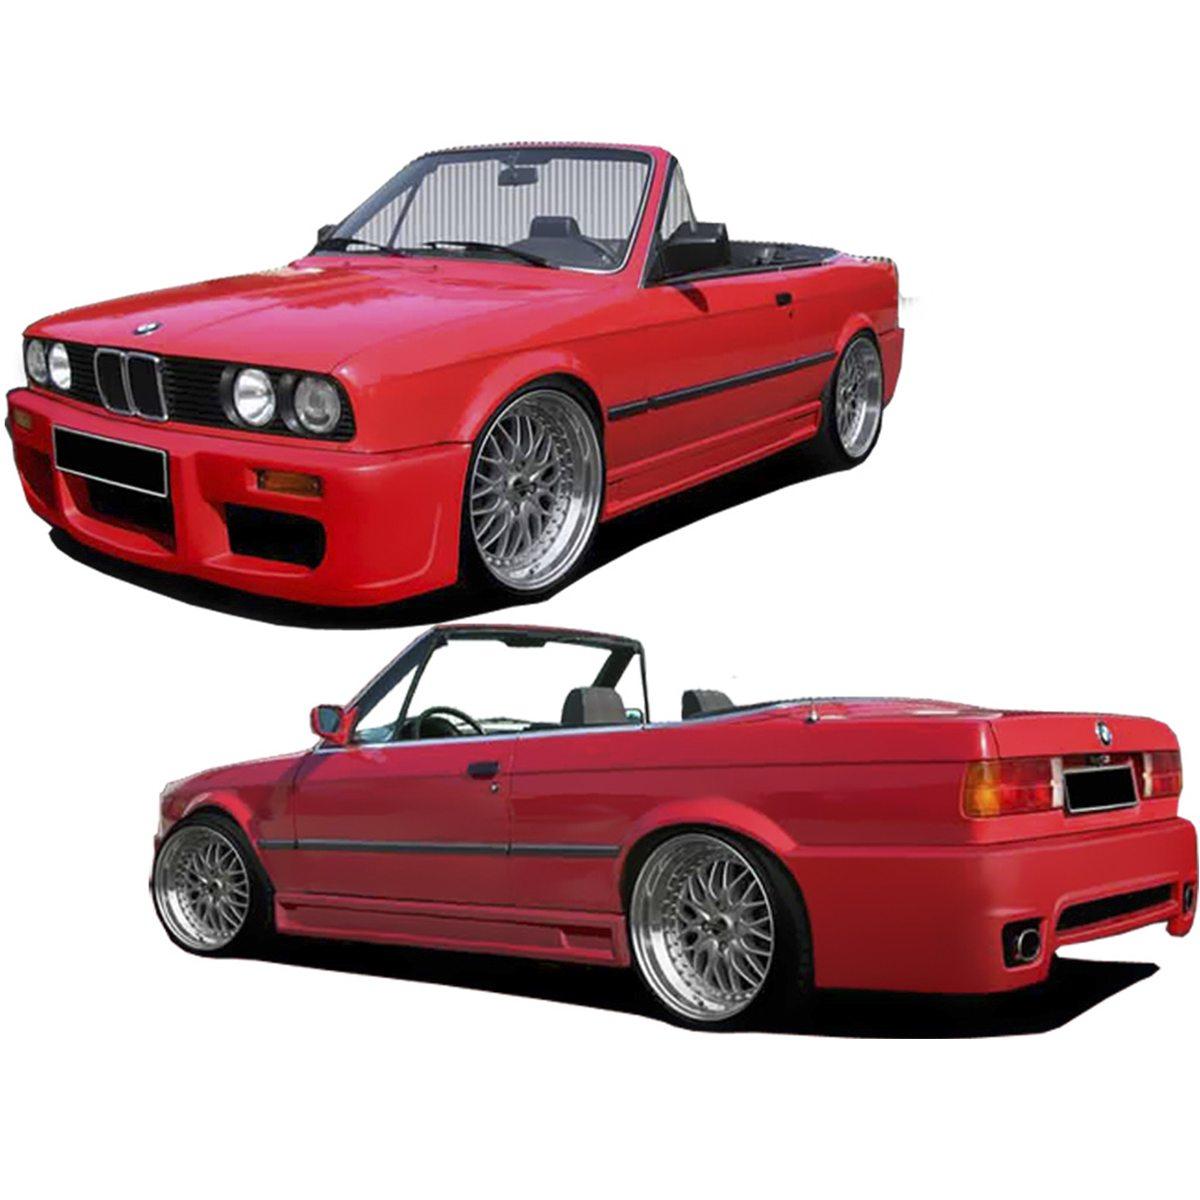 BMW-E30-Plus-KIT-KTS010